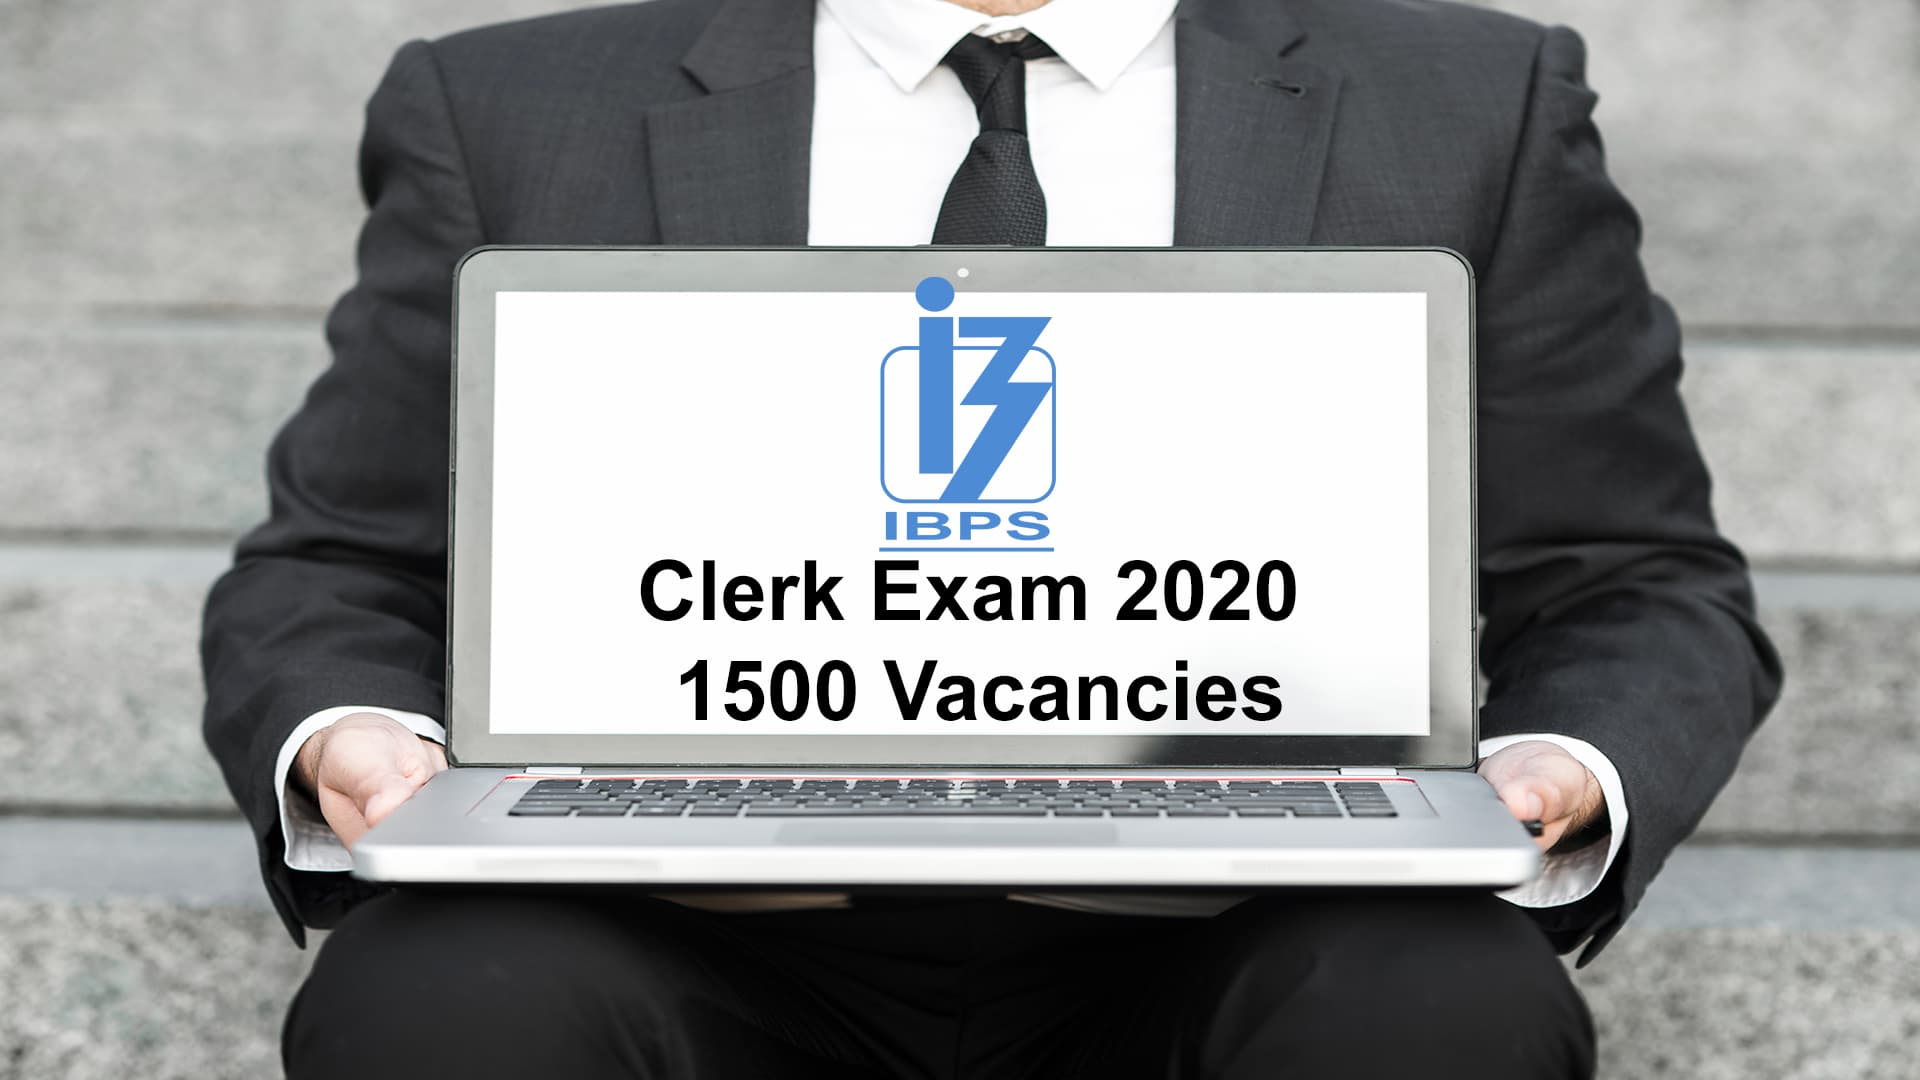 IBPS Cler4k Exam 2020  1500Vacancies